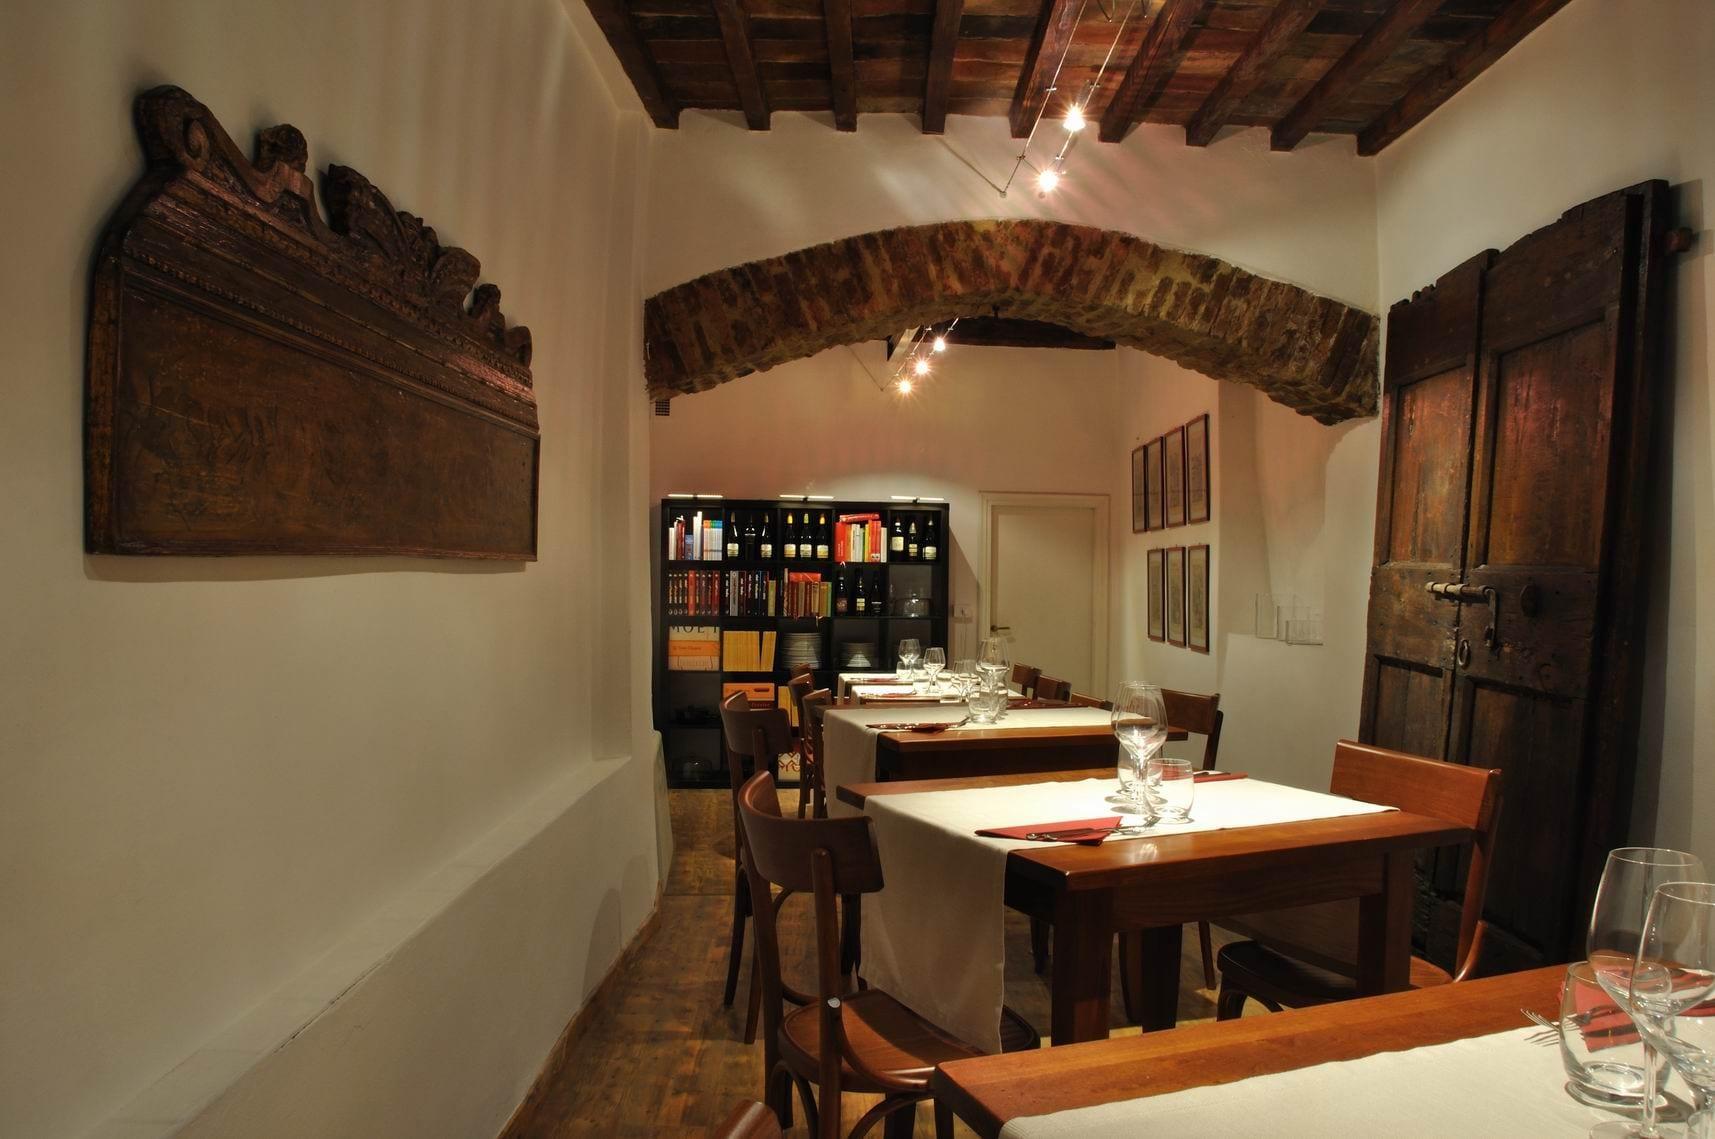 Photo of INAUGURAZIONE de DIVINO in TAVOLA  ENOTECA con cucina; MOSTRA di scultura di Antonio MASSARUTTO  Venerdì 23 MAGGIO / via Oberdan 31 AREZZO